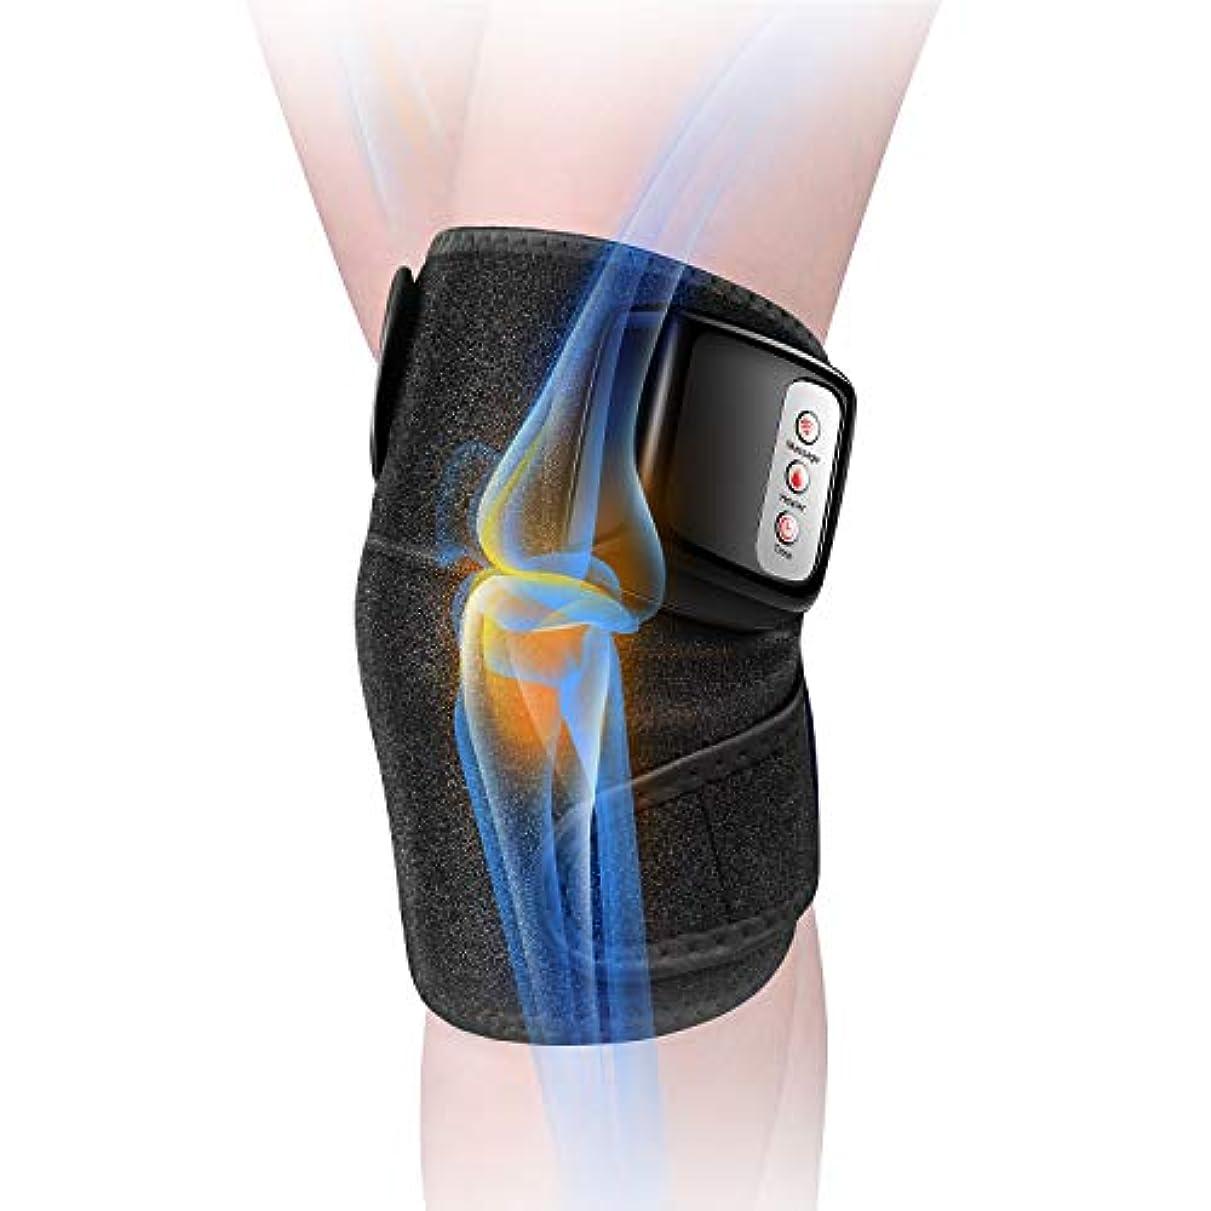 タイムリーな枯れる公園膝マッサージャー 関節マッサージャー マッサージ器 フットマッサージャー 振動 赤外線療法 温熱療法 膝サポーター ストレス解消 肩 太もも/腕対応